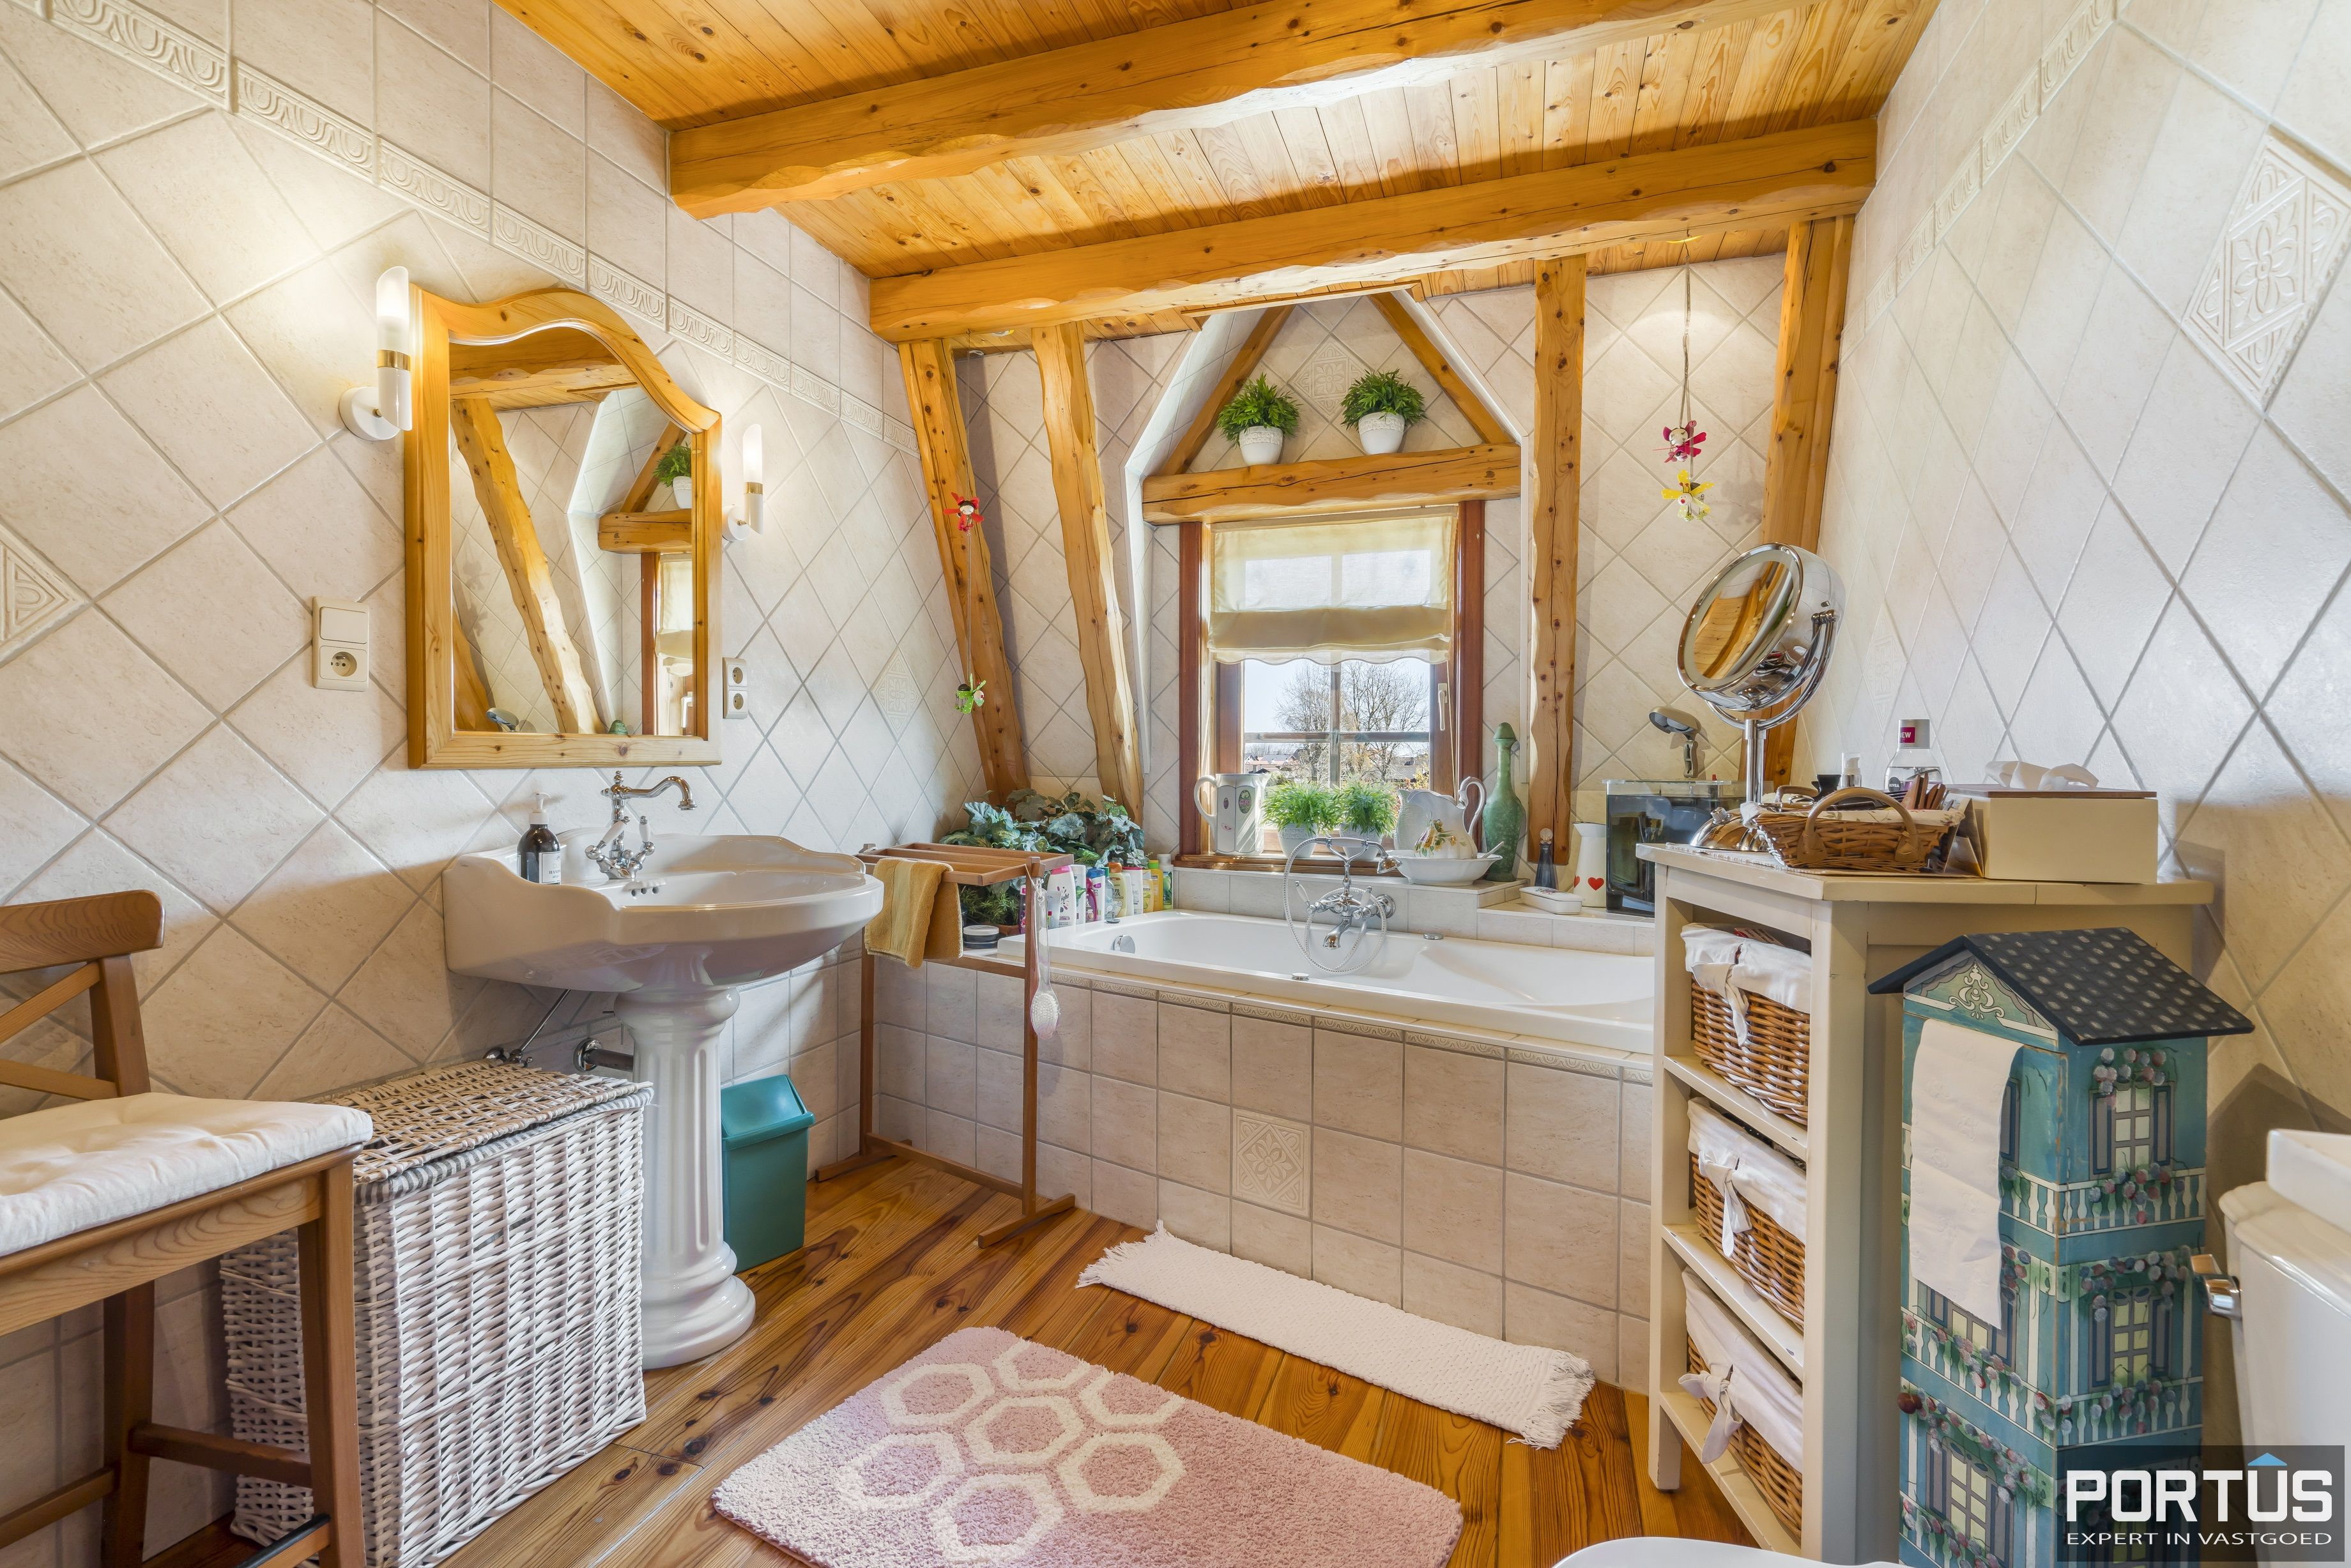 Woning met 2 slaapkamers te koop te Westende - 13415